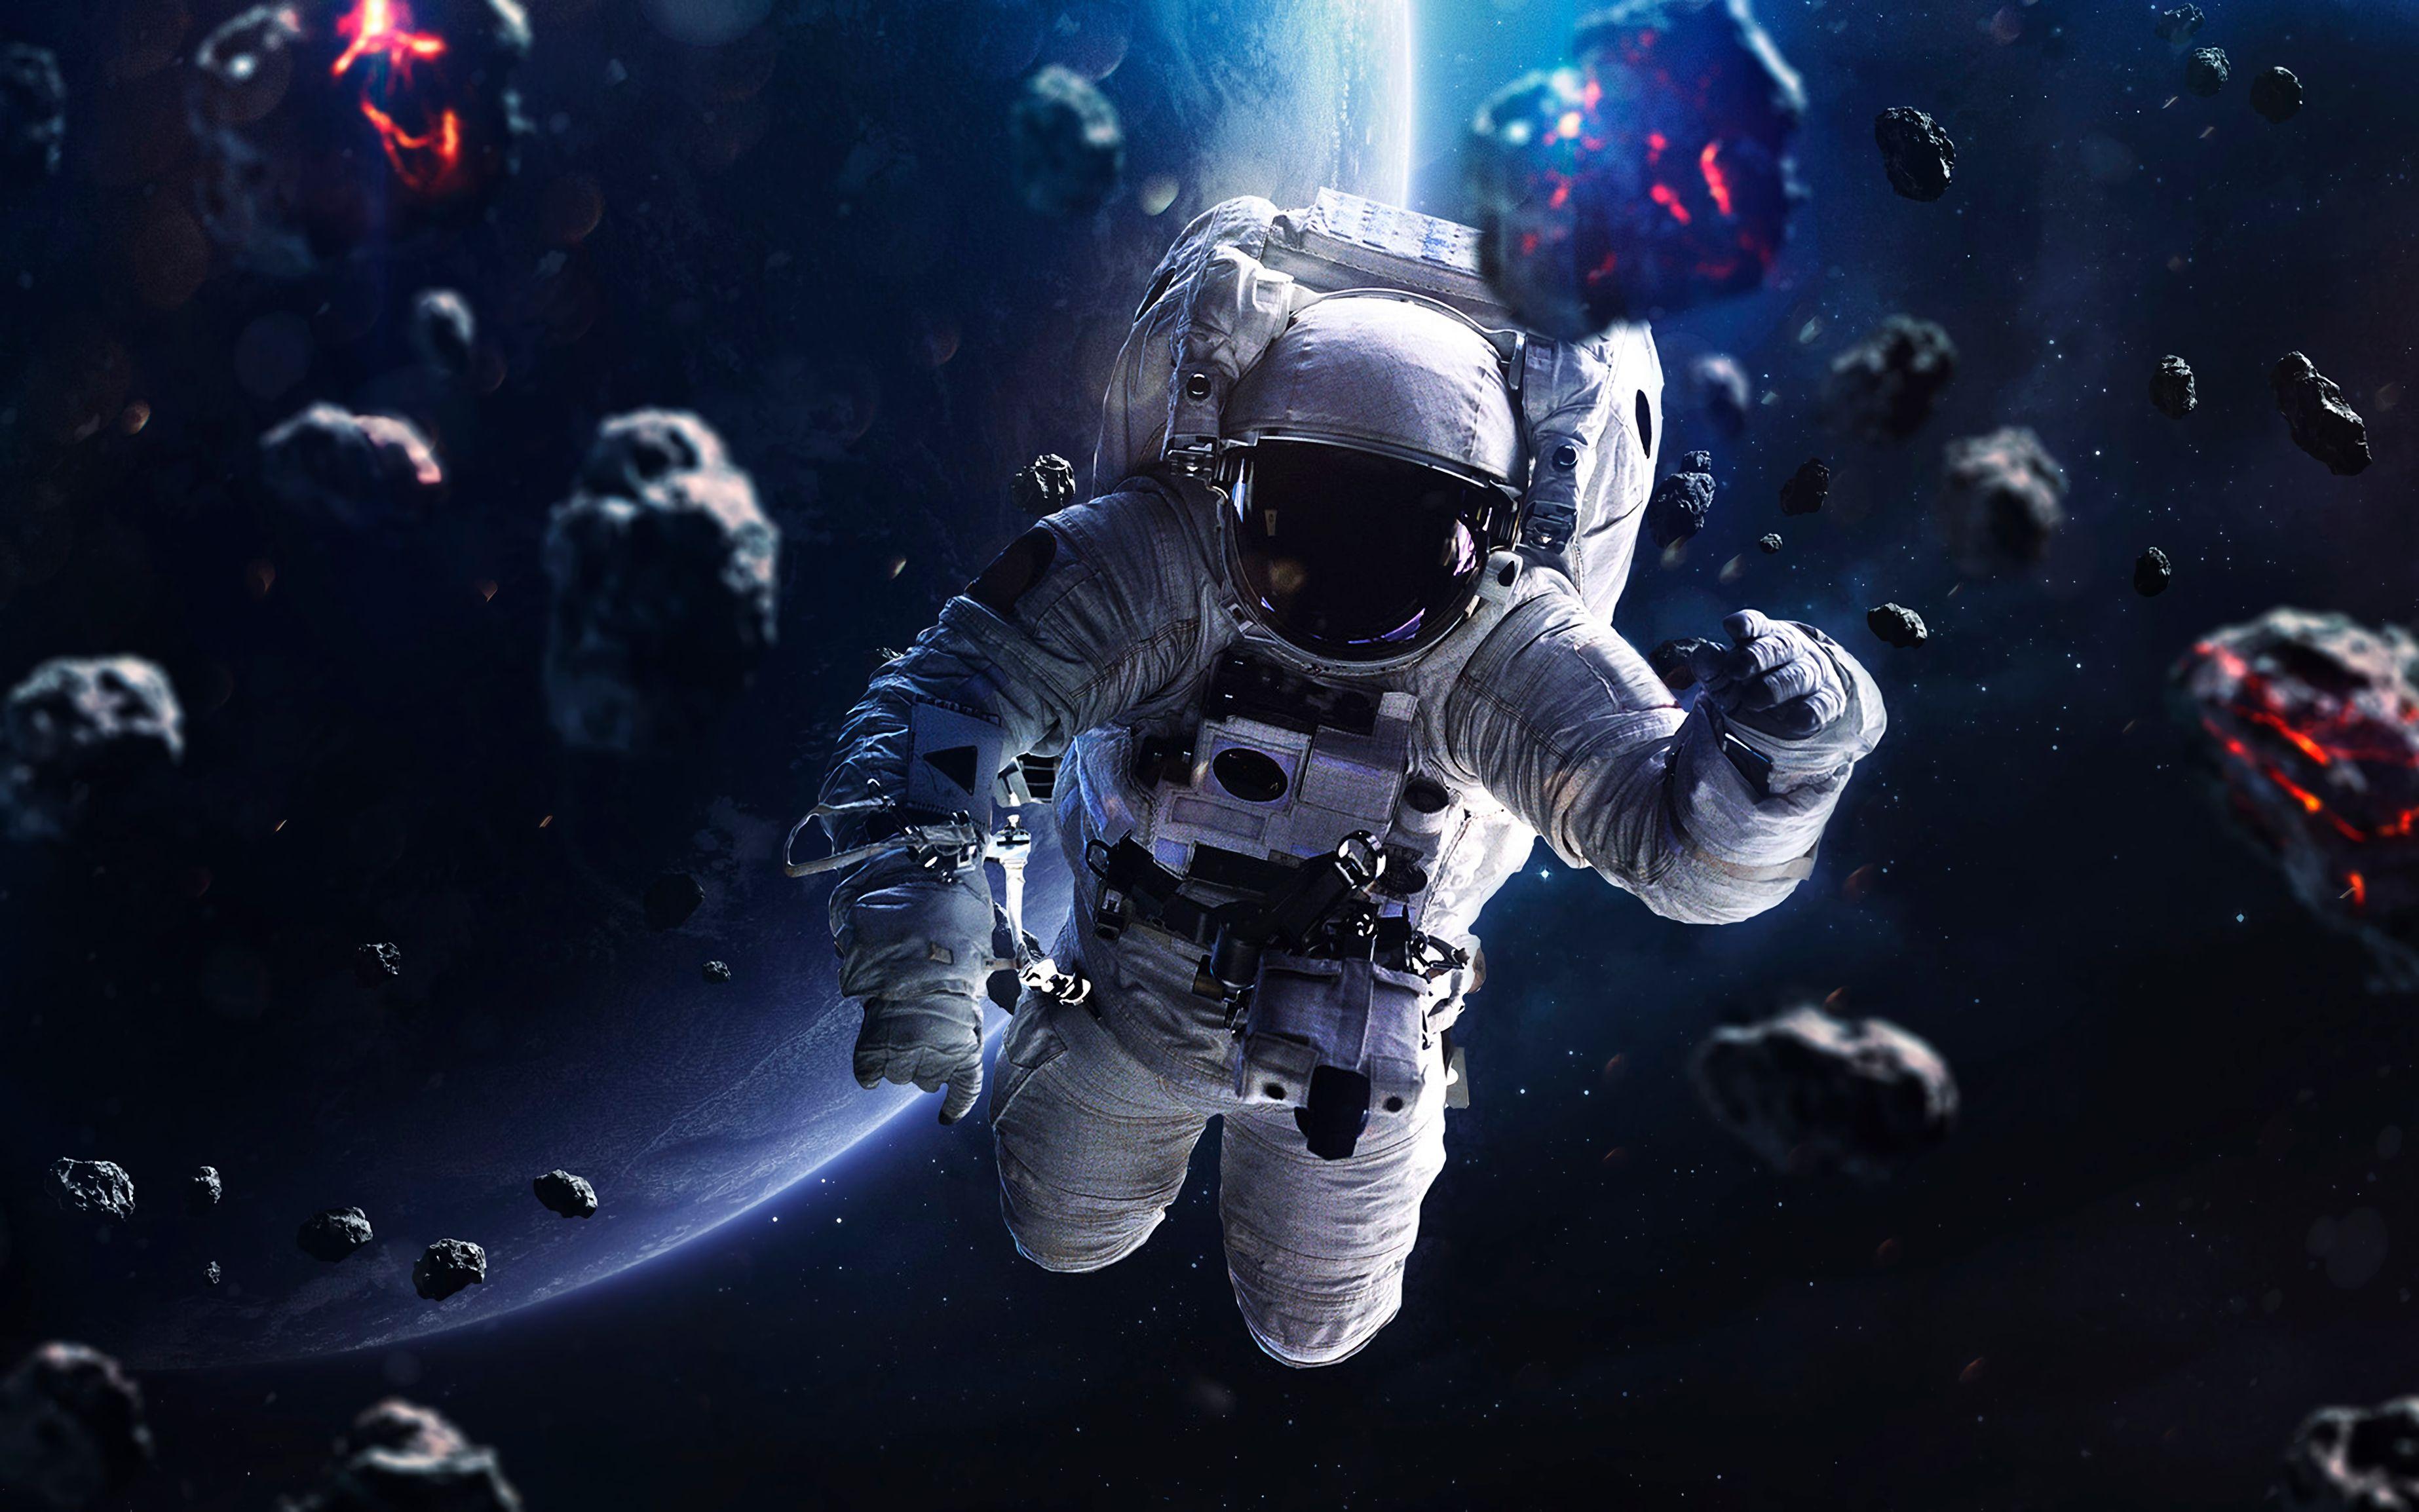 136829 Заставки и Обои Космос на телефон. Скачать Космонавт, Космос, Скафандр, Метеориты картинки бесплатно